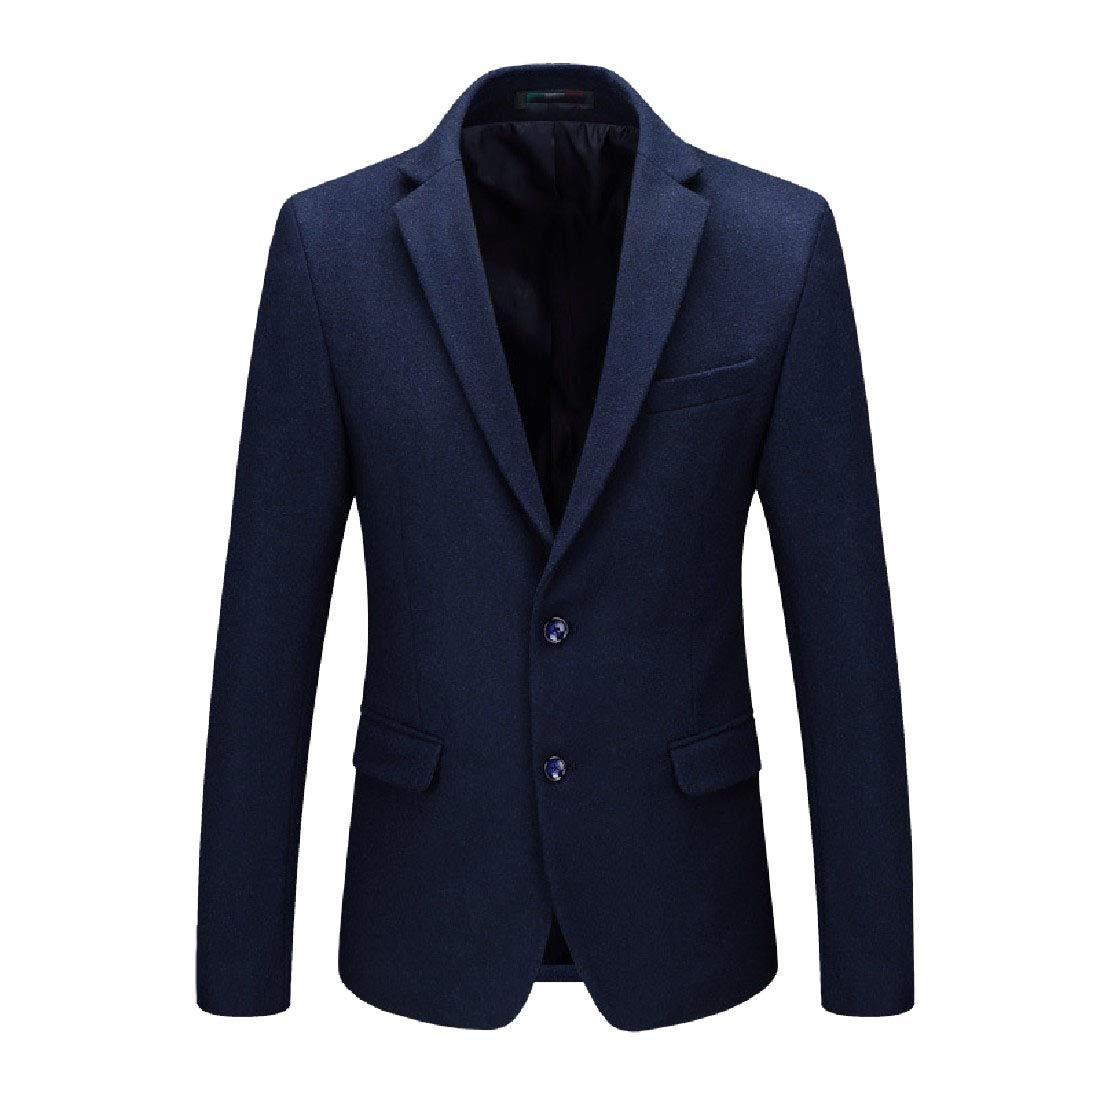 Comaba Men Turn-Down Collar Fit Woolen 2 Button Solid Blazer Jacket